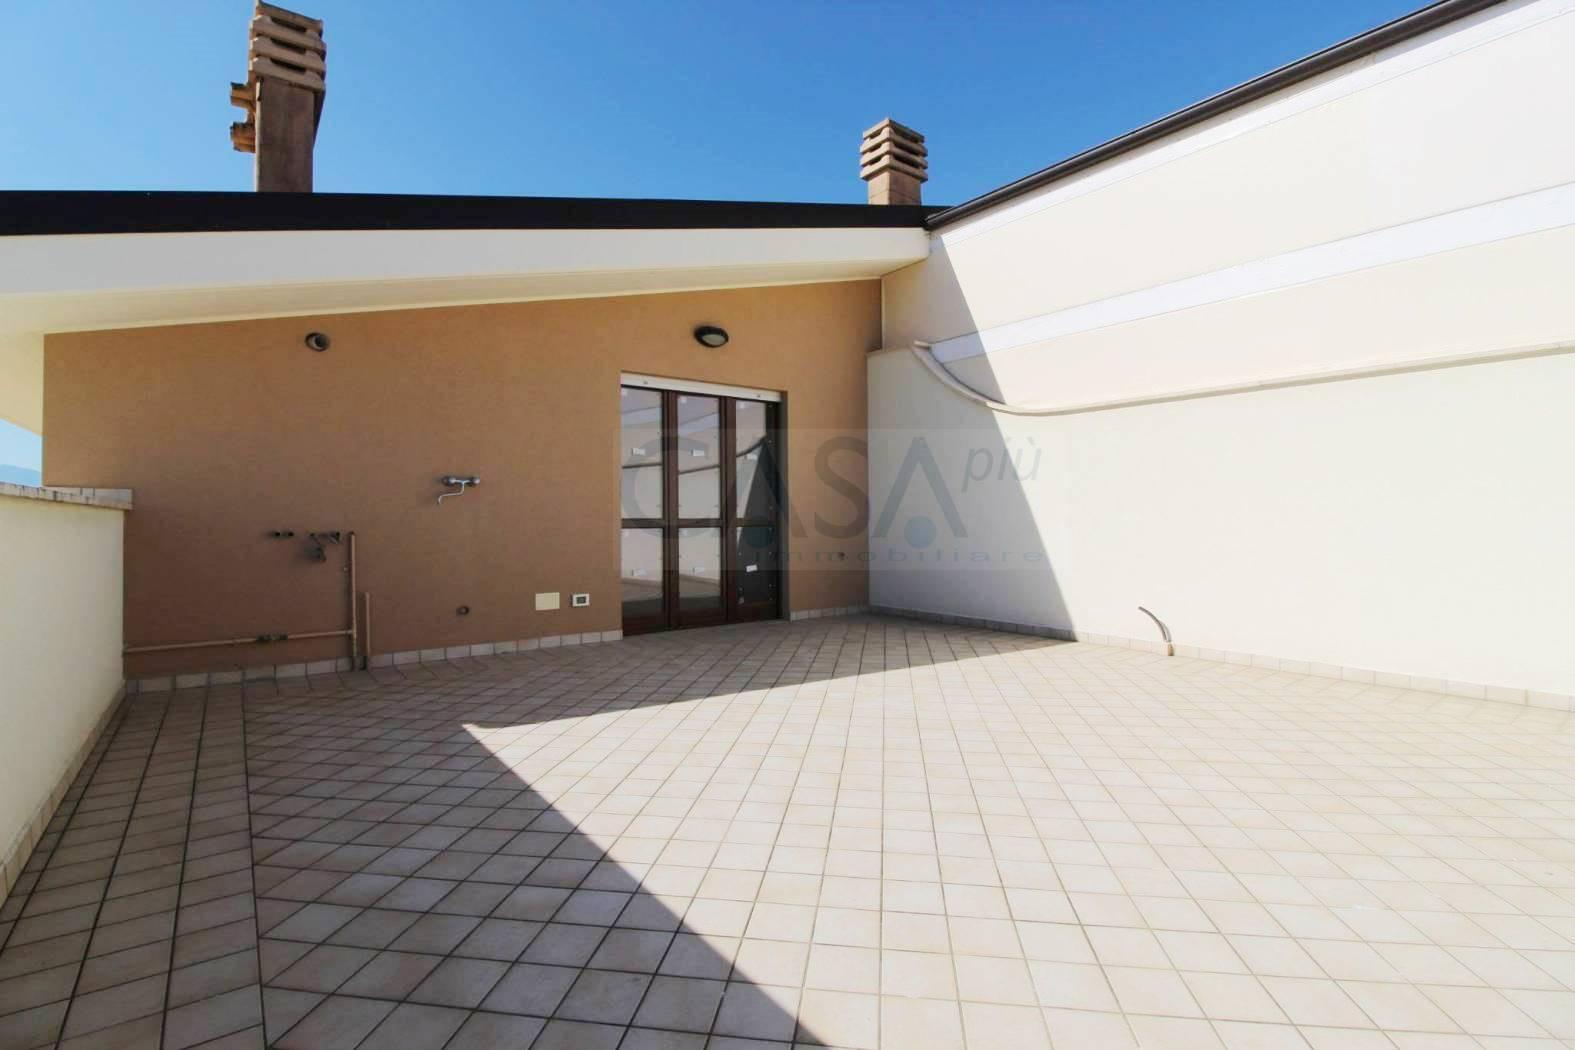 Attico / Mansarda in vendita a San Benedetto del Tronto, 3 locali, prezzo € 160.000 | PortaleAgenzieImmobiliari.it